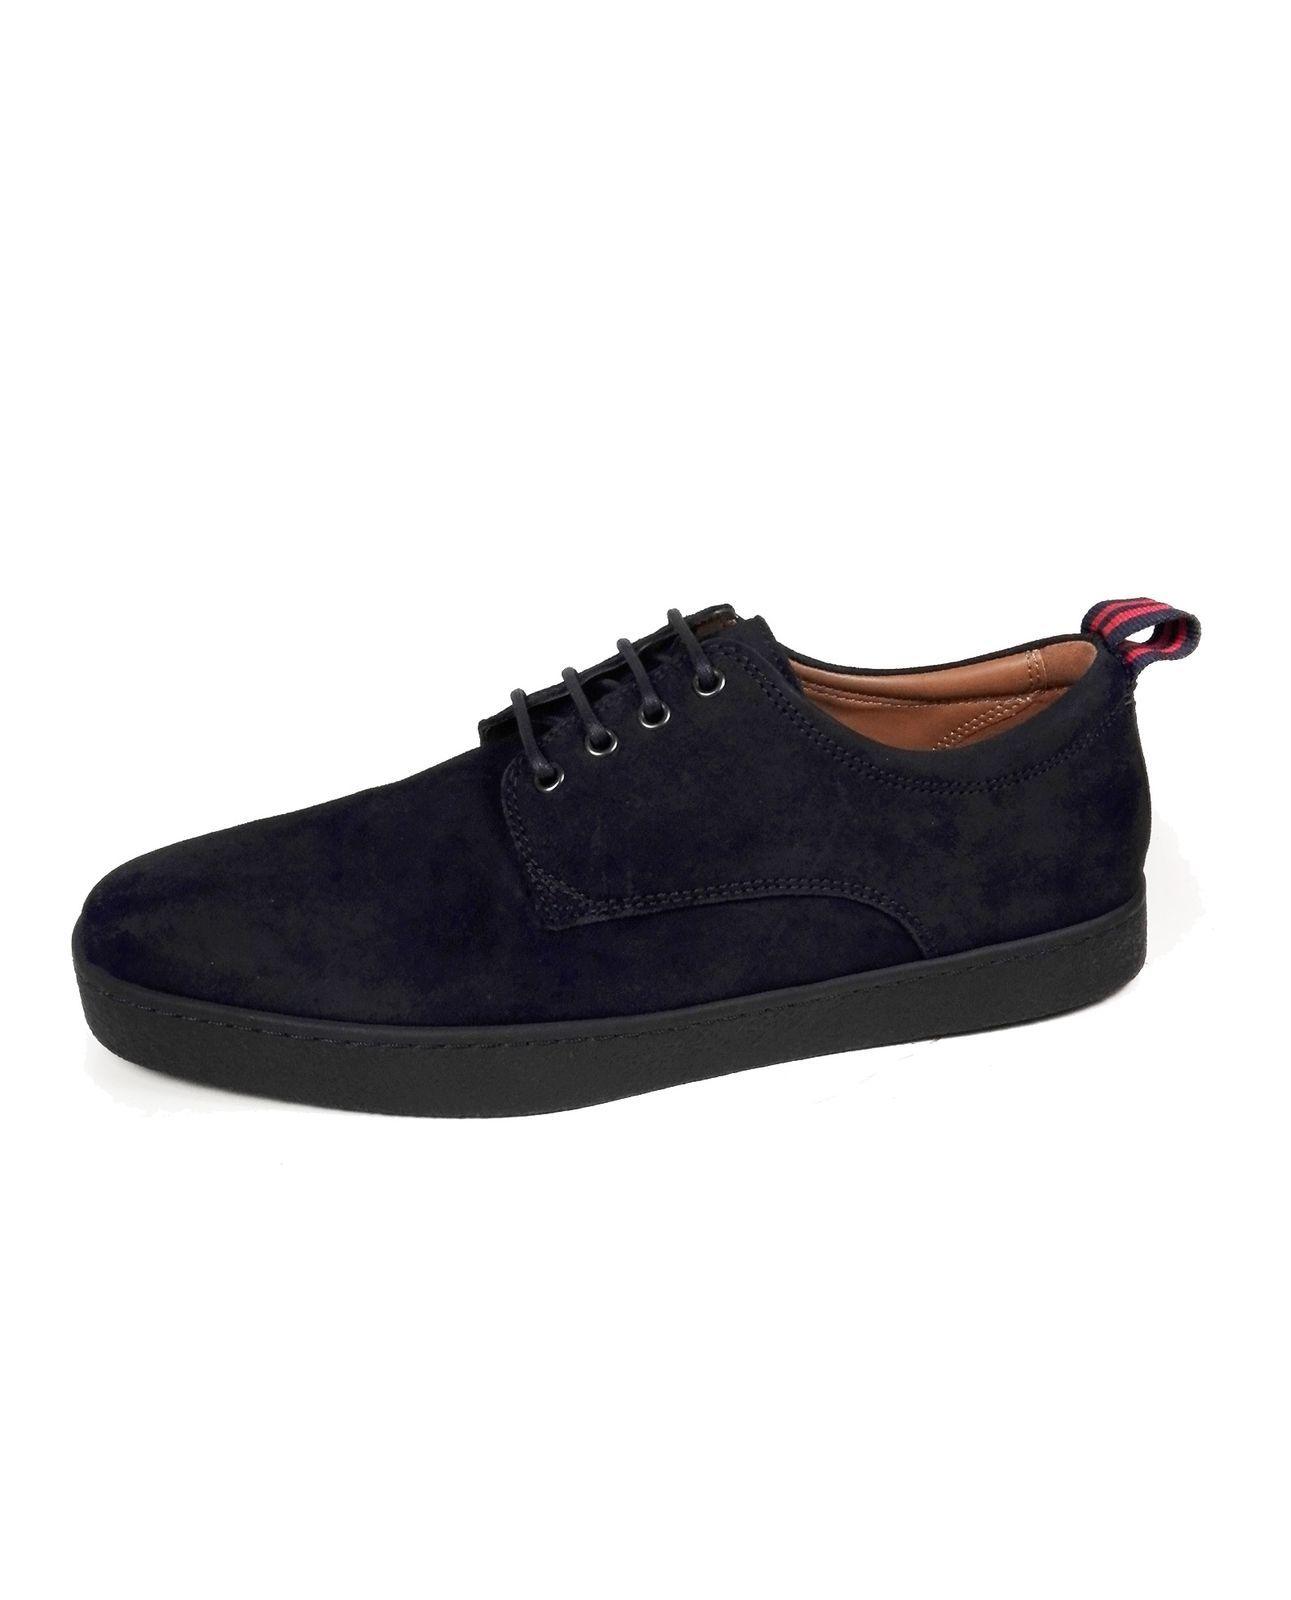 GAOLIM La Haute-Talon Chaussures Fille Printemps Fendue Pour Contre-Pointe Creuse Sangle Patin De Chenille Rugueux ,40, Vert Olive